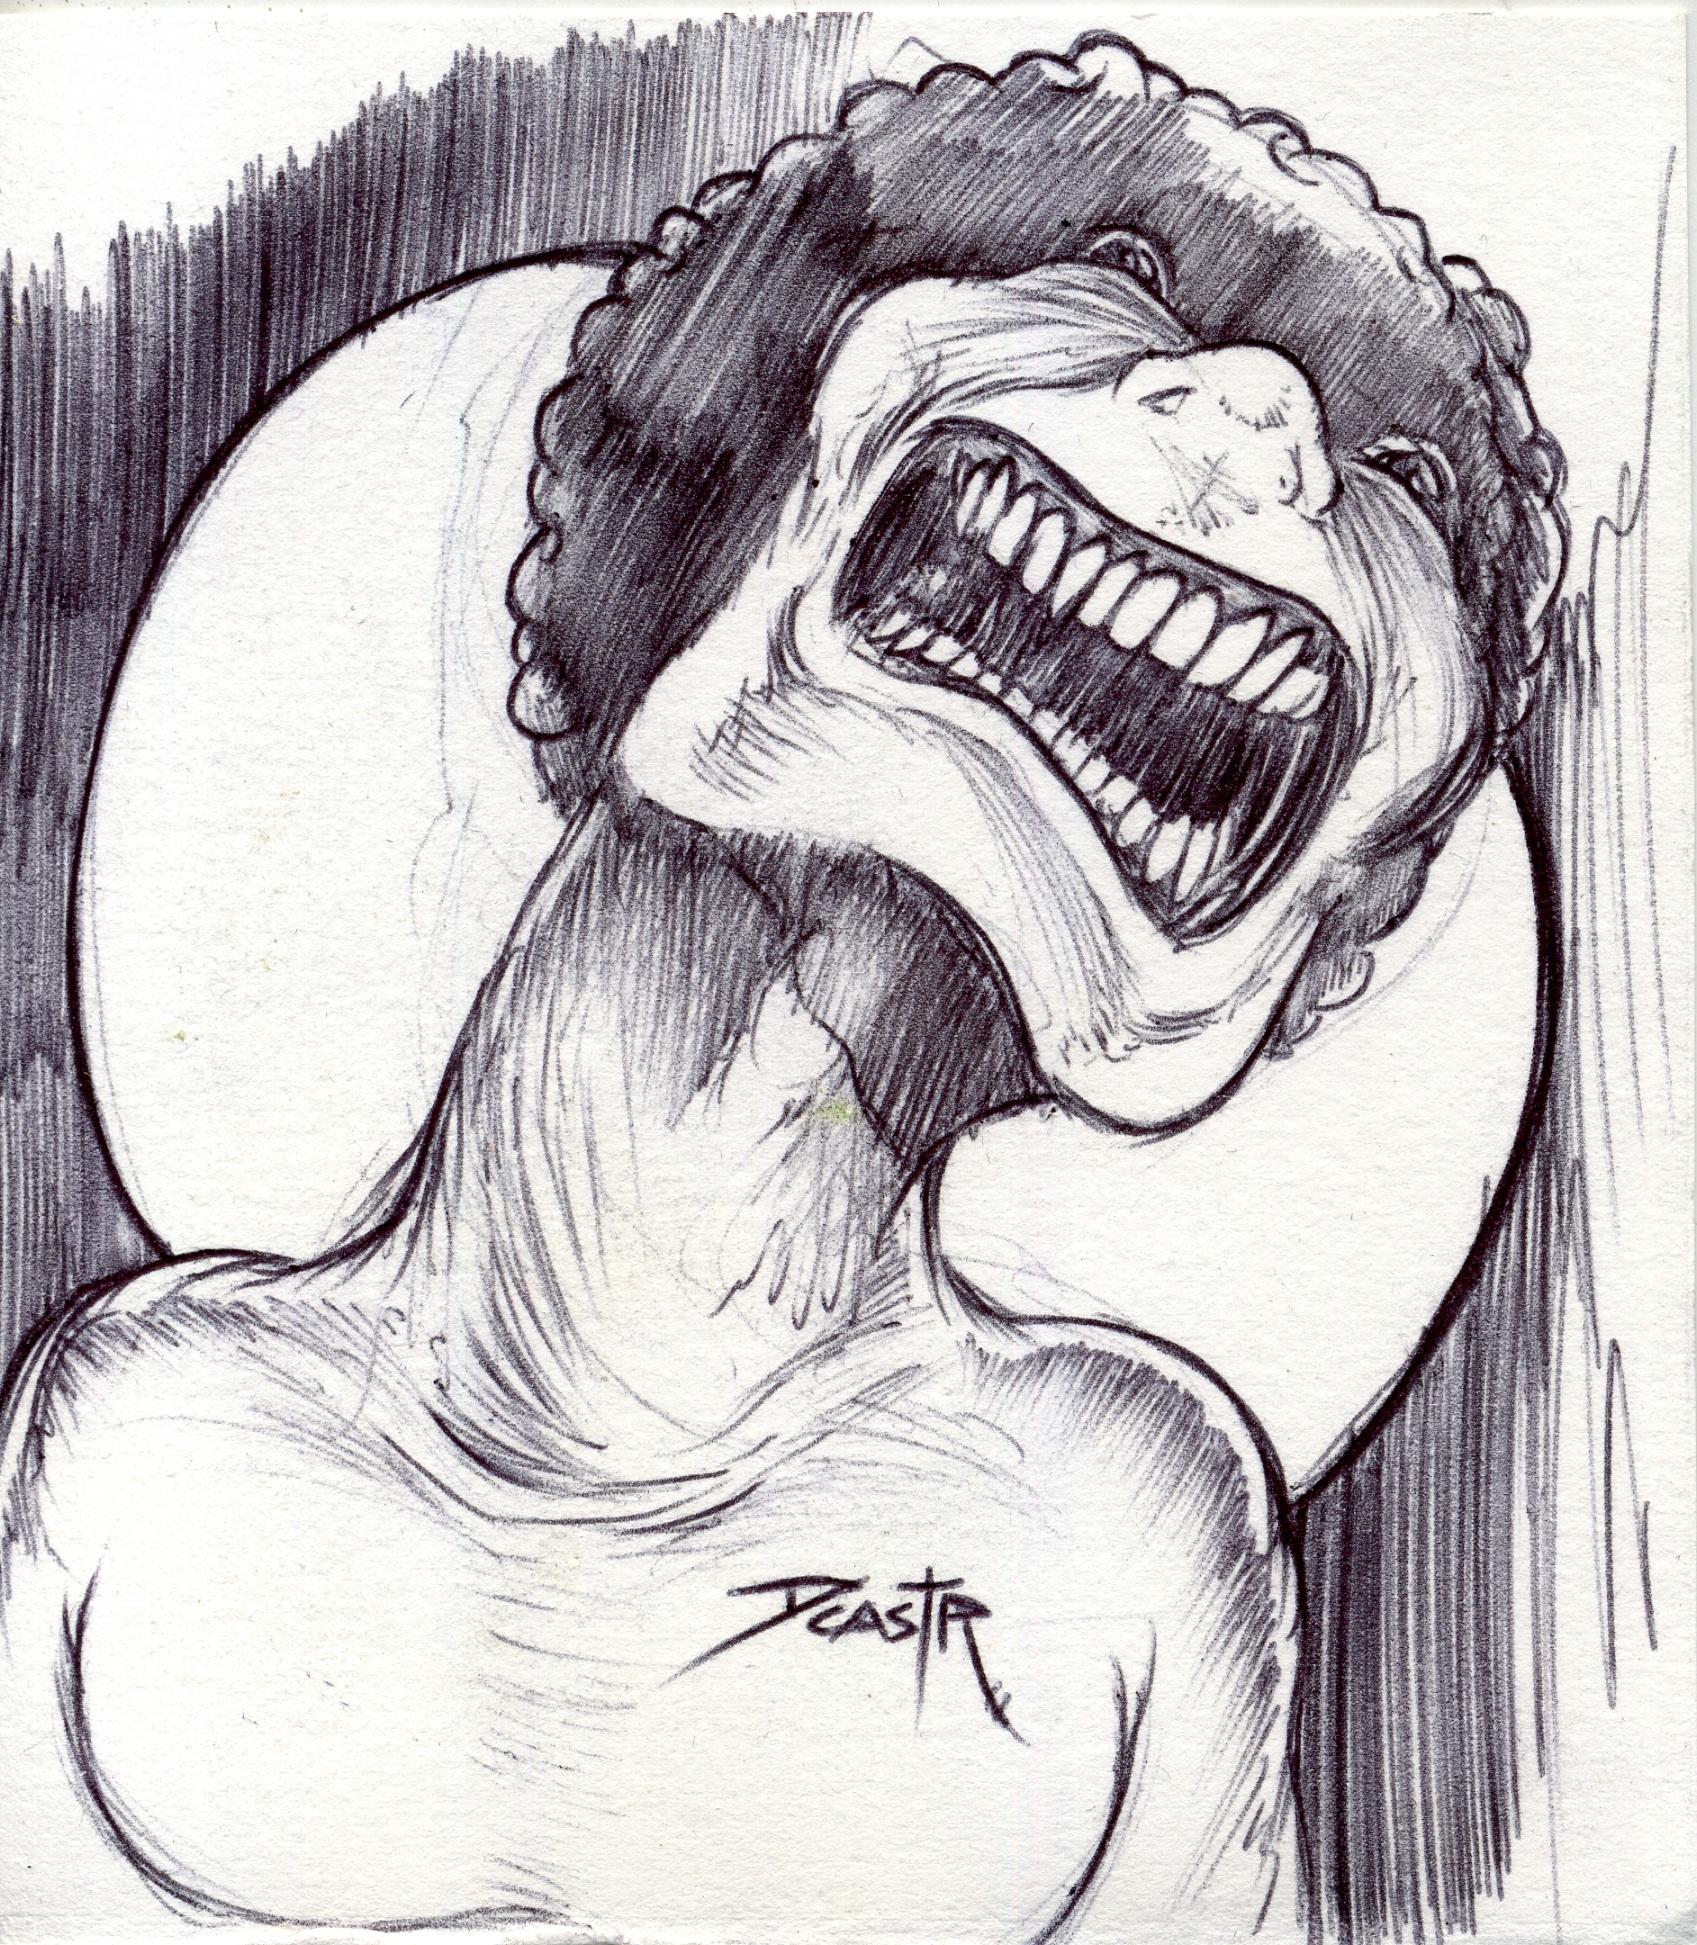 A screaming weirdo